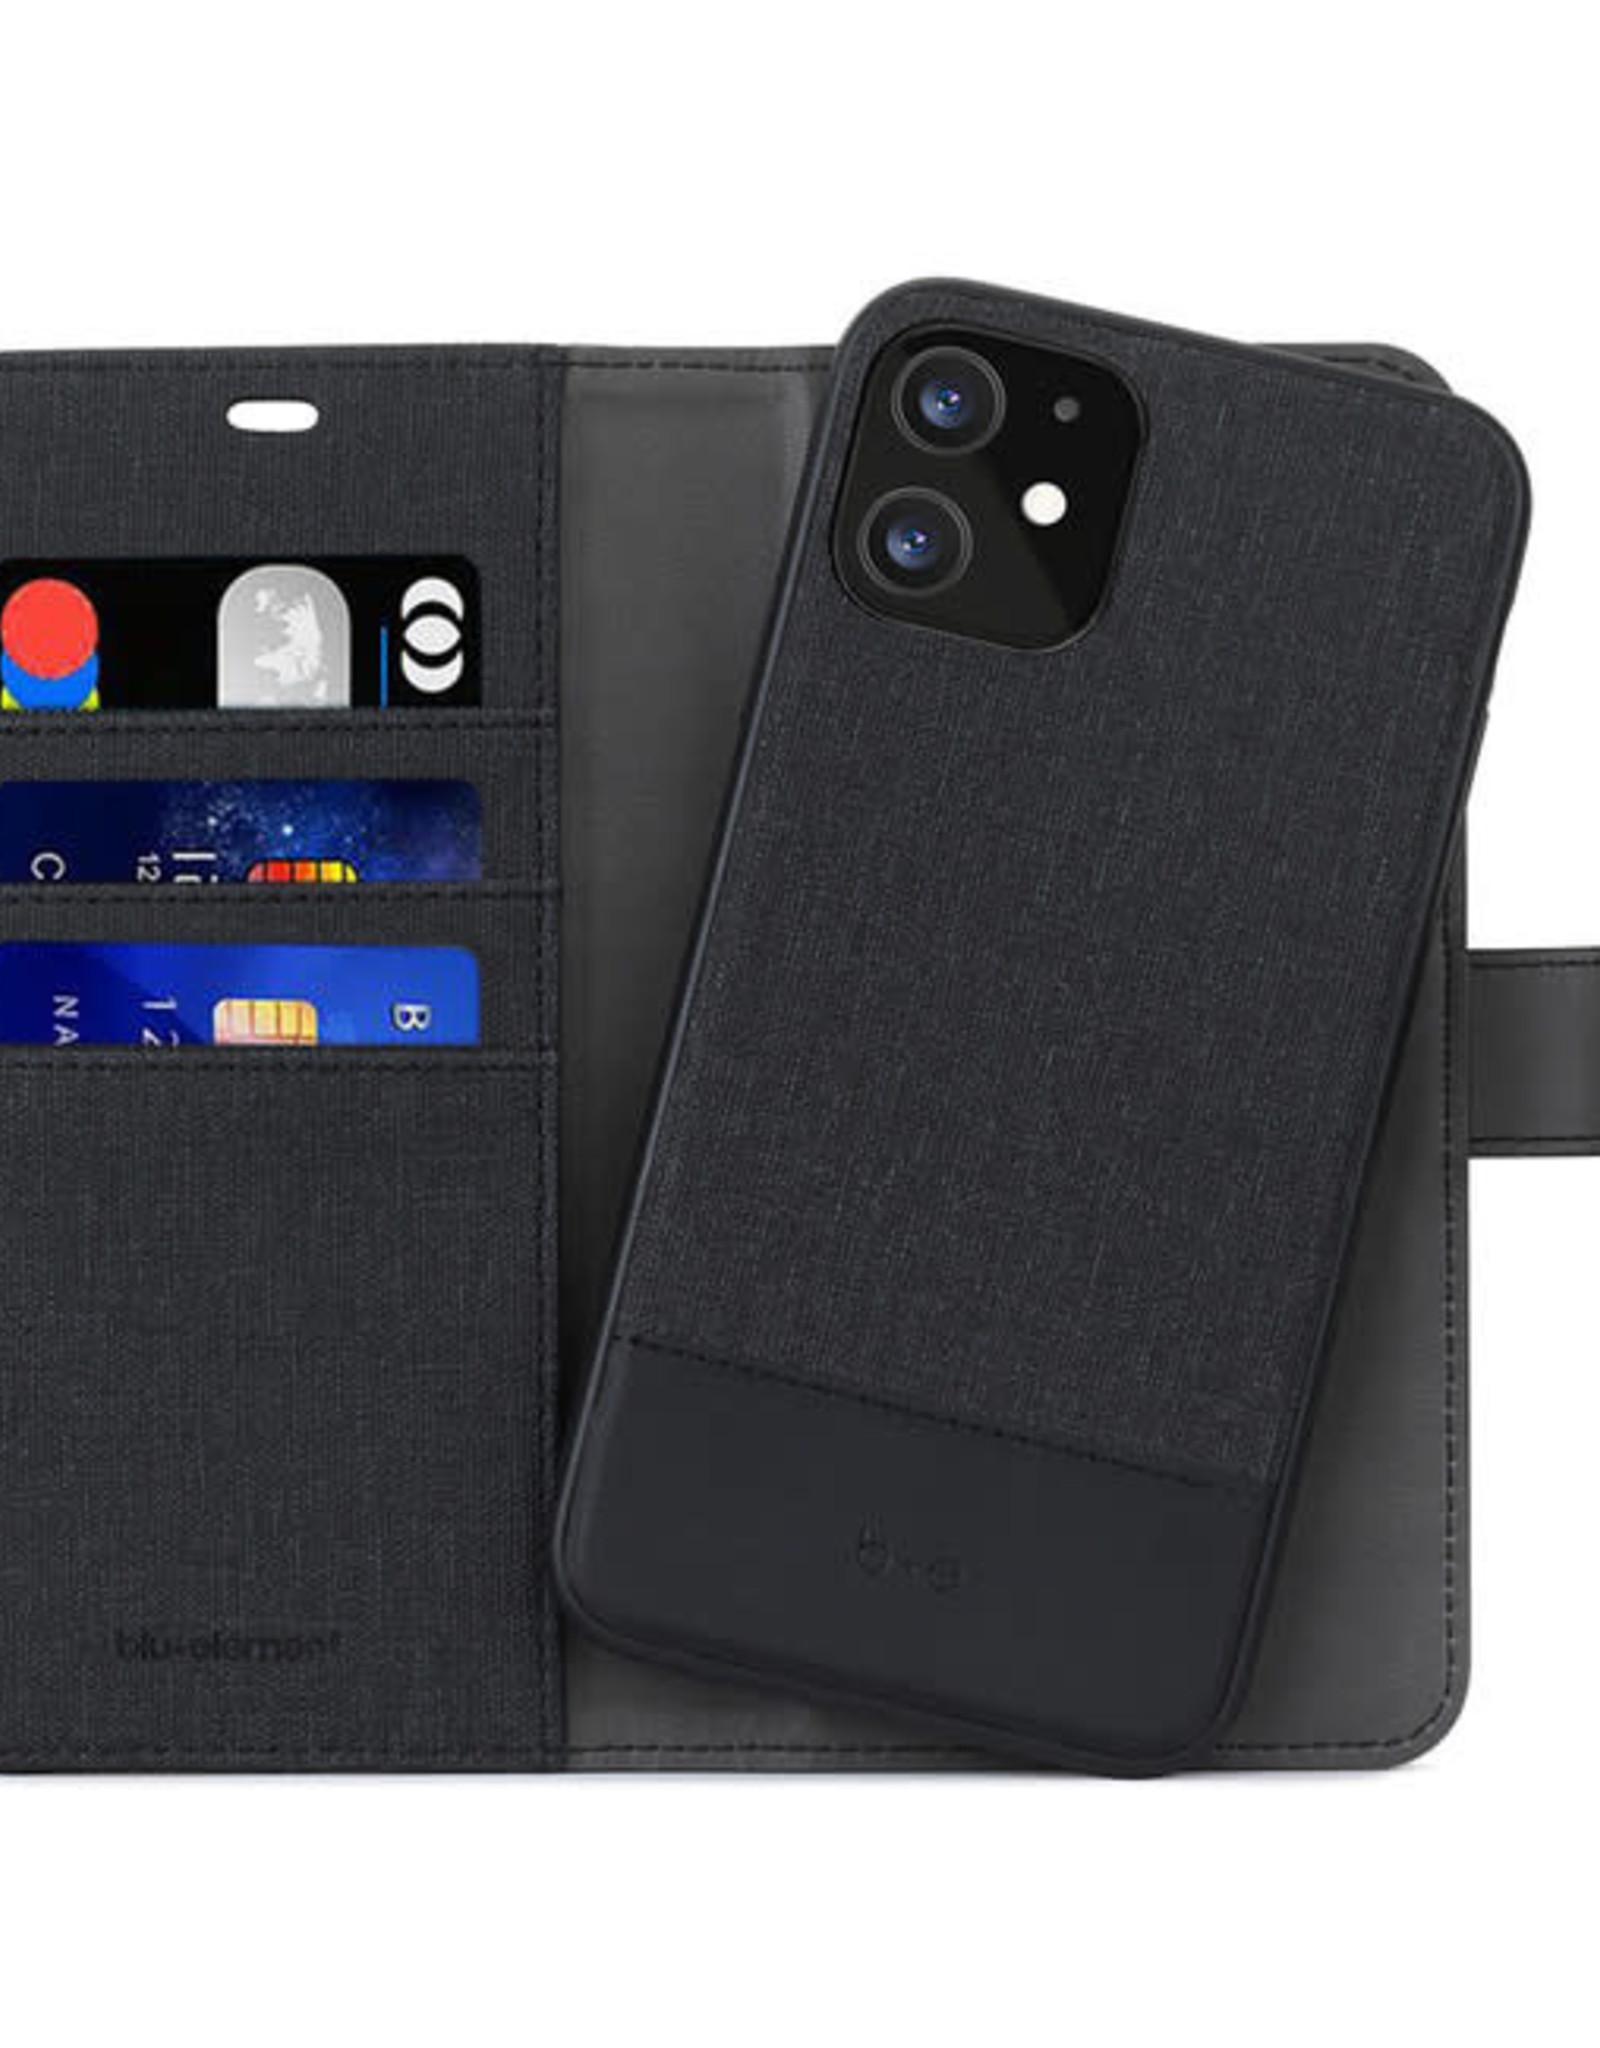 Blu Element 2 in 1 Folio iPhone 12/12 Pro Black/Black